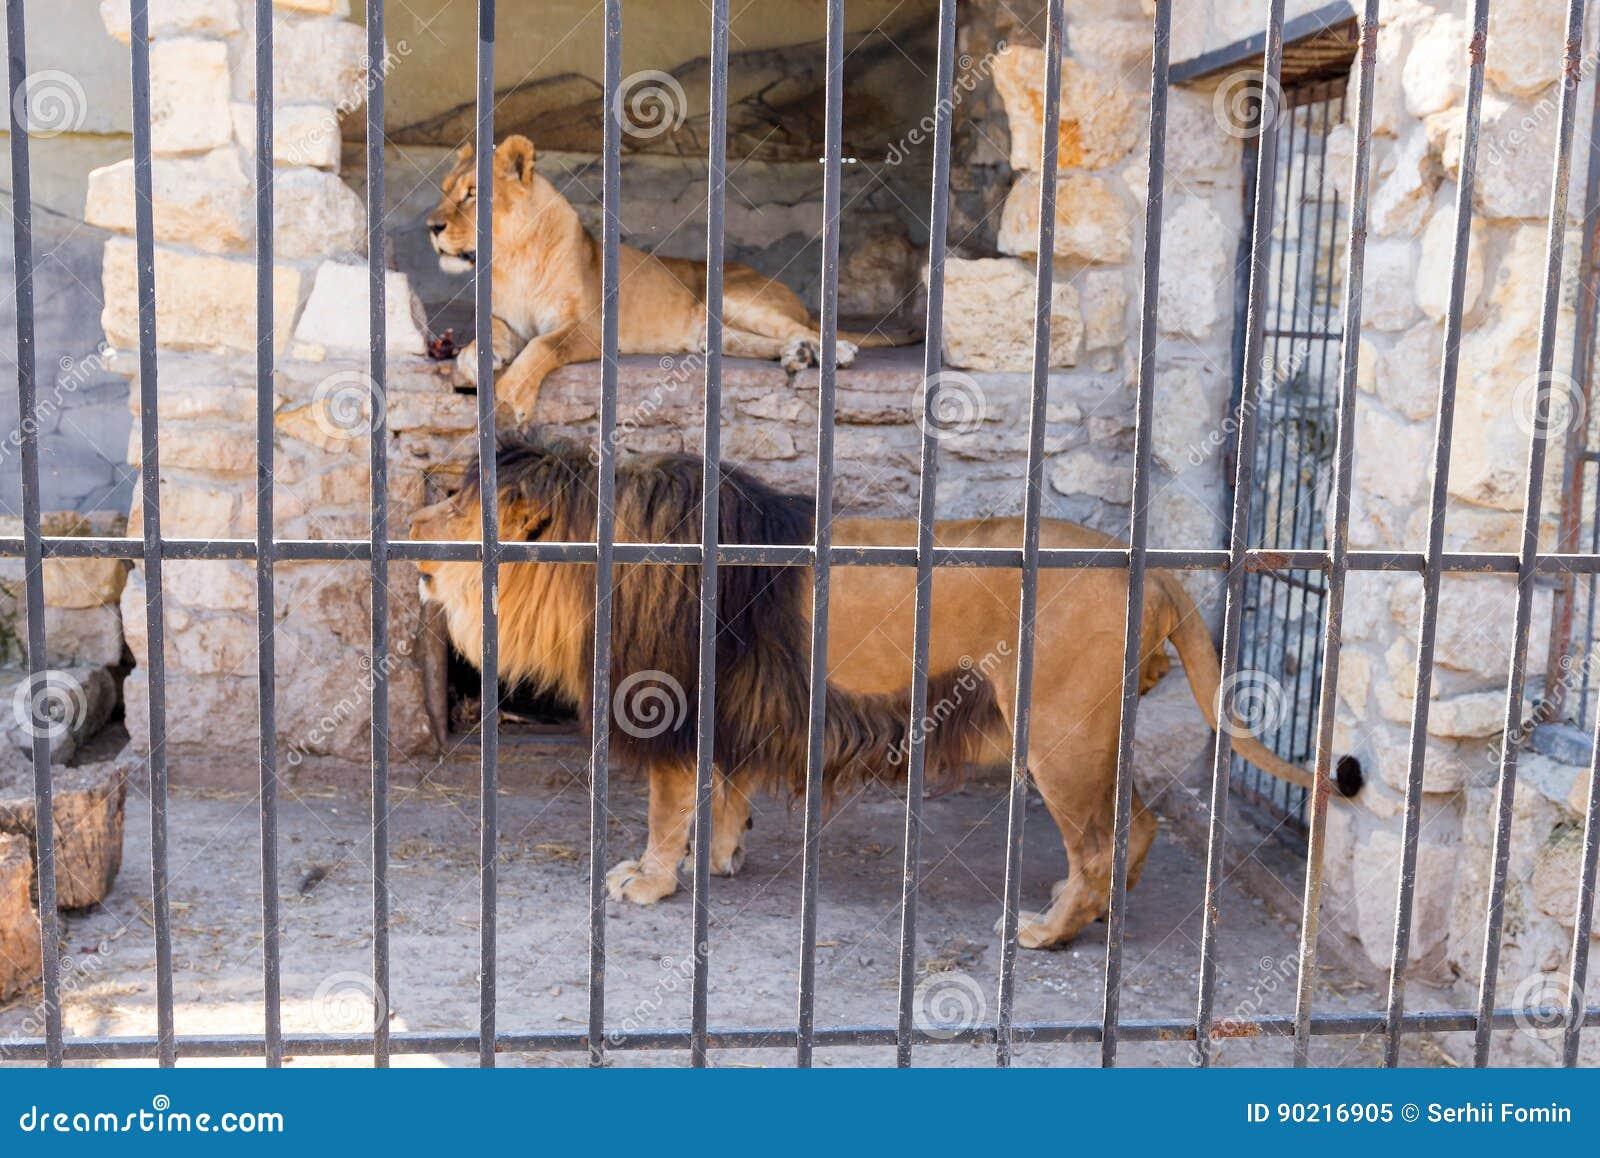 Een paar leeuwen in gevangenschap in een dierentuin achter de tralies Macht en agressie in de kooi